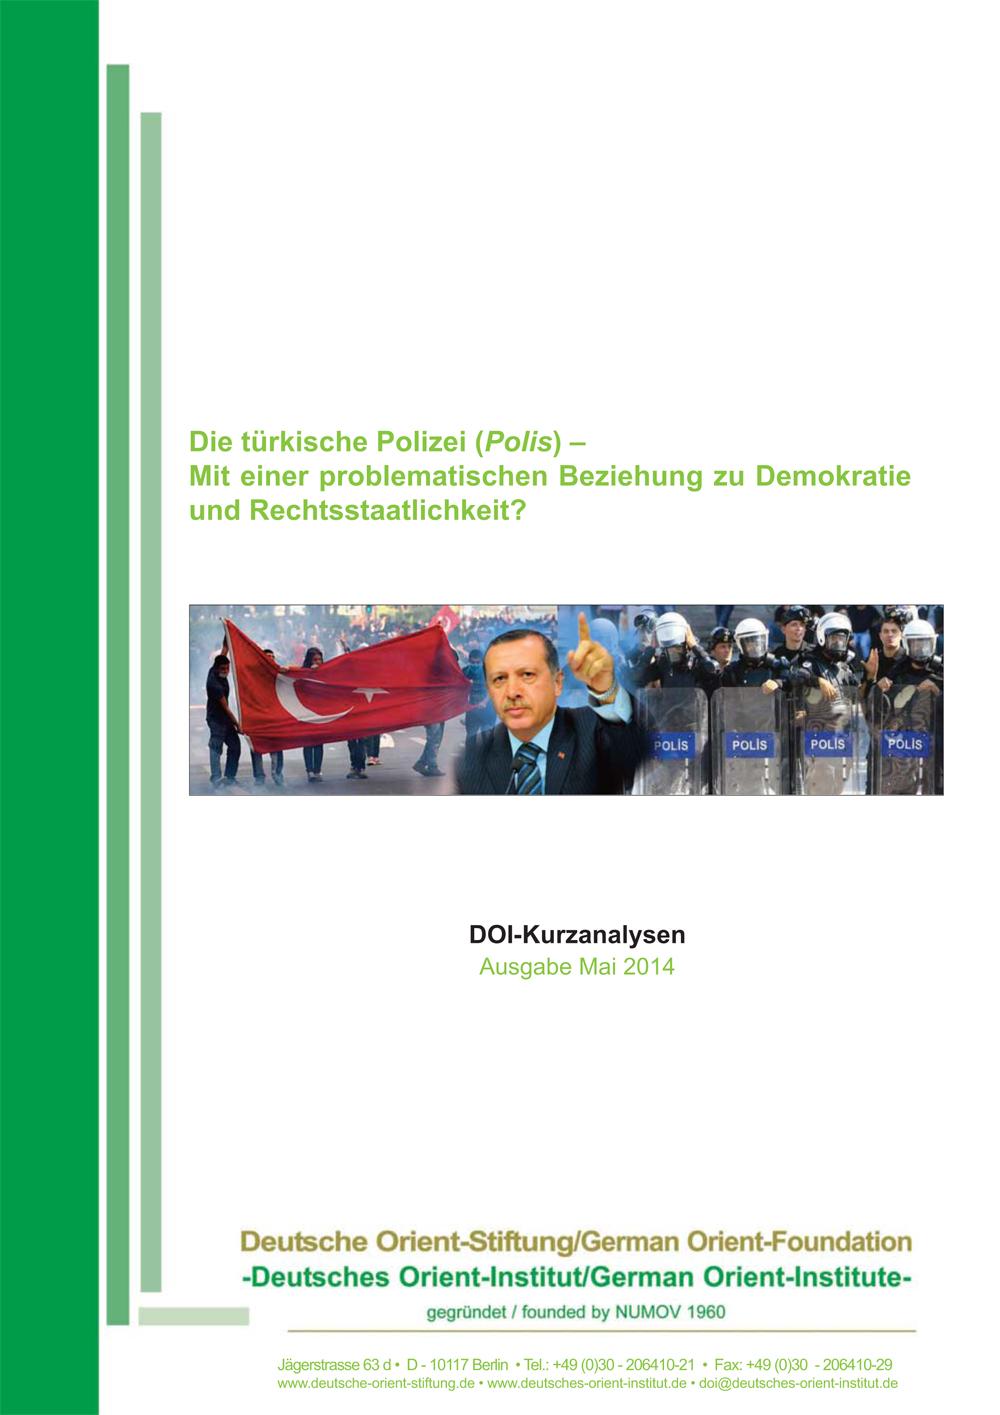 """Featured image for """"Die türkische Polizei (Polis): Mit einer problematischen Beziehung zu Demokratie und Rechtsstaatlichkeit?"""""""